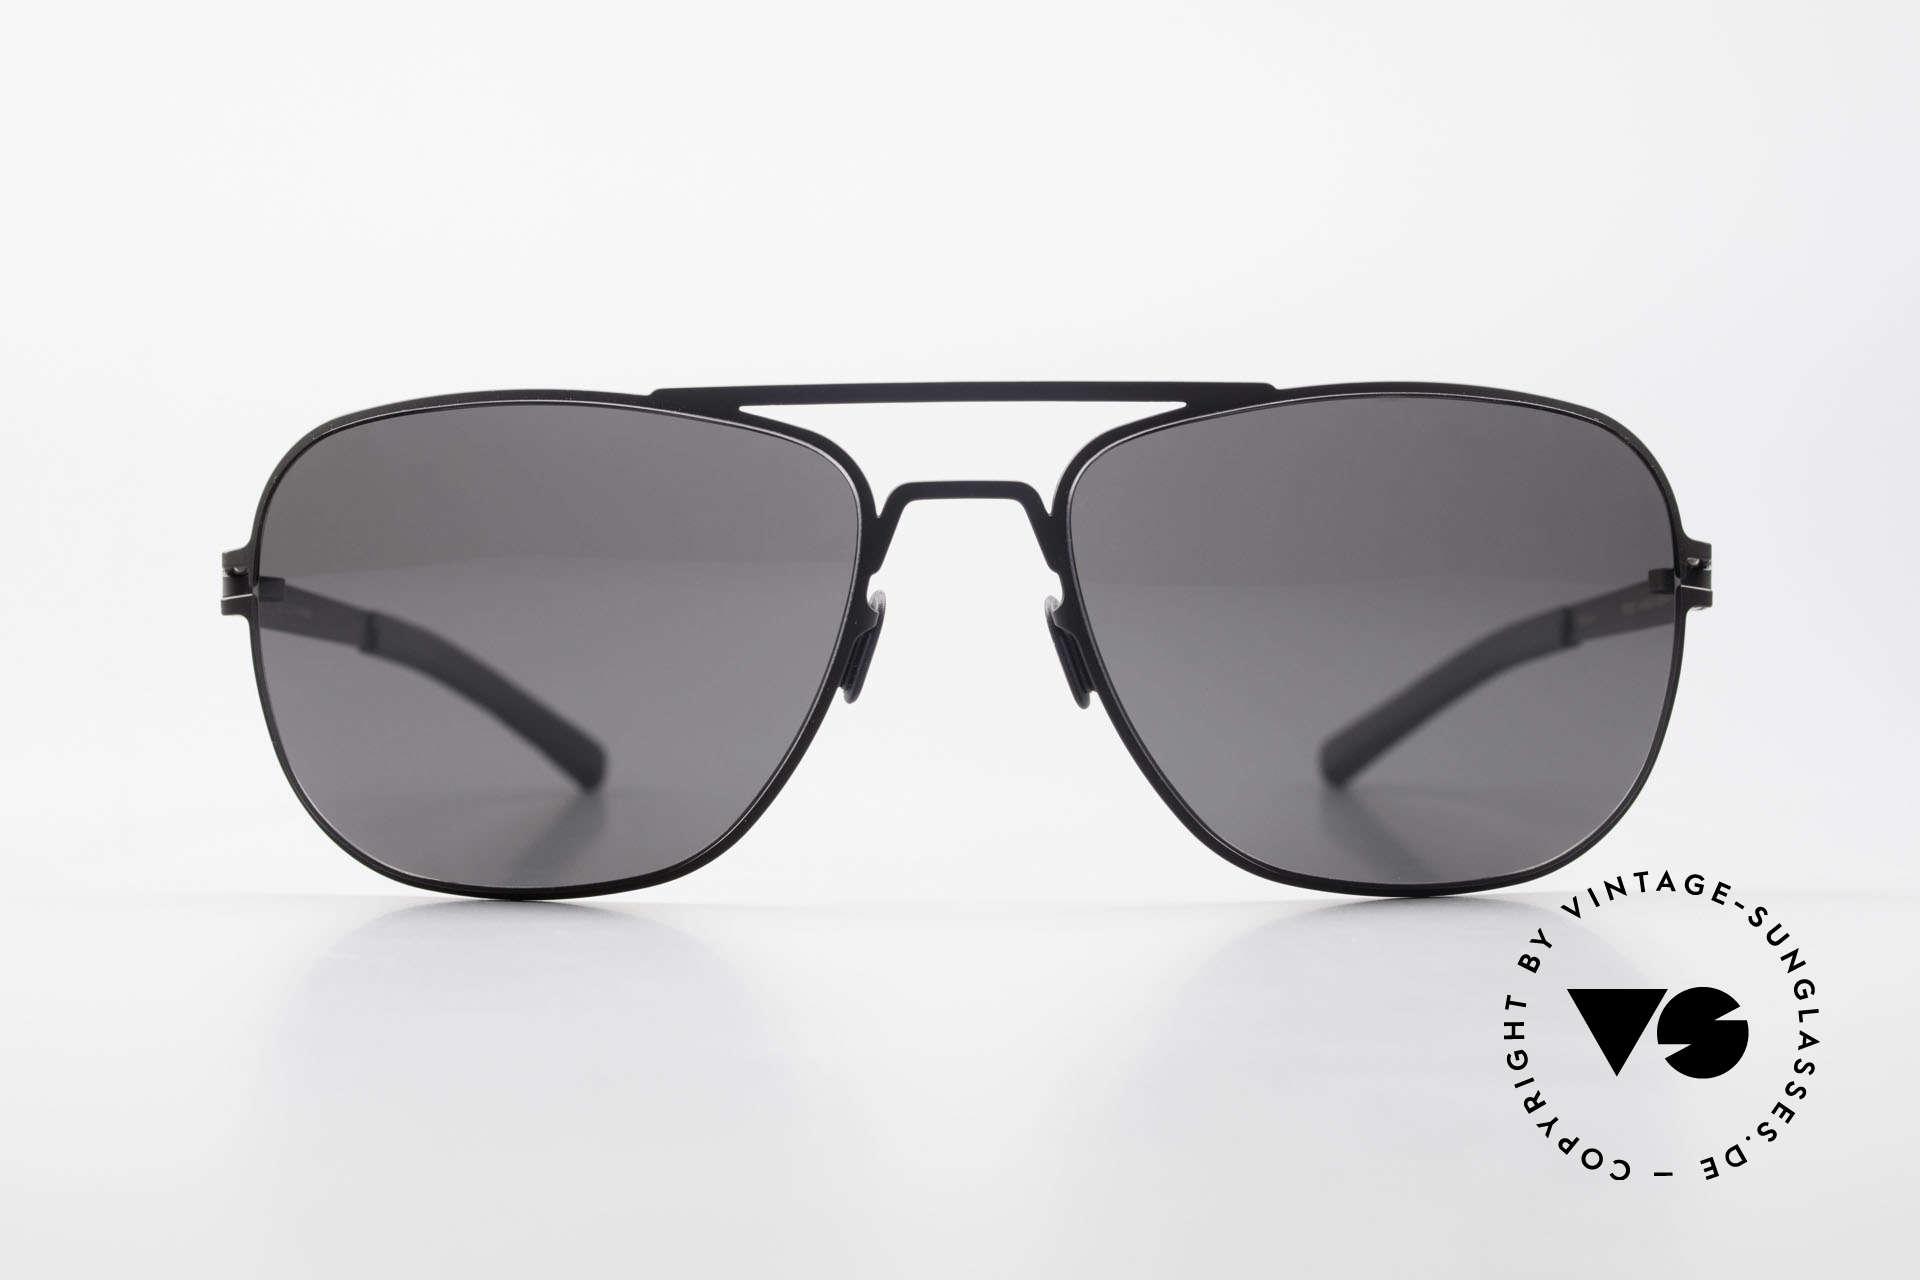 Mykita Howard Polarisierende Sonnenbrille, Mykita: die jüngste Marke in unserem vintage Sortiment, Passend für Herren und Damen